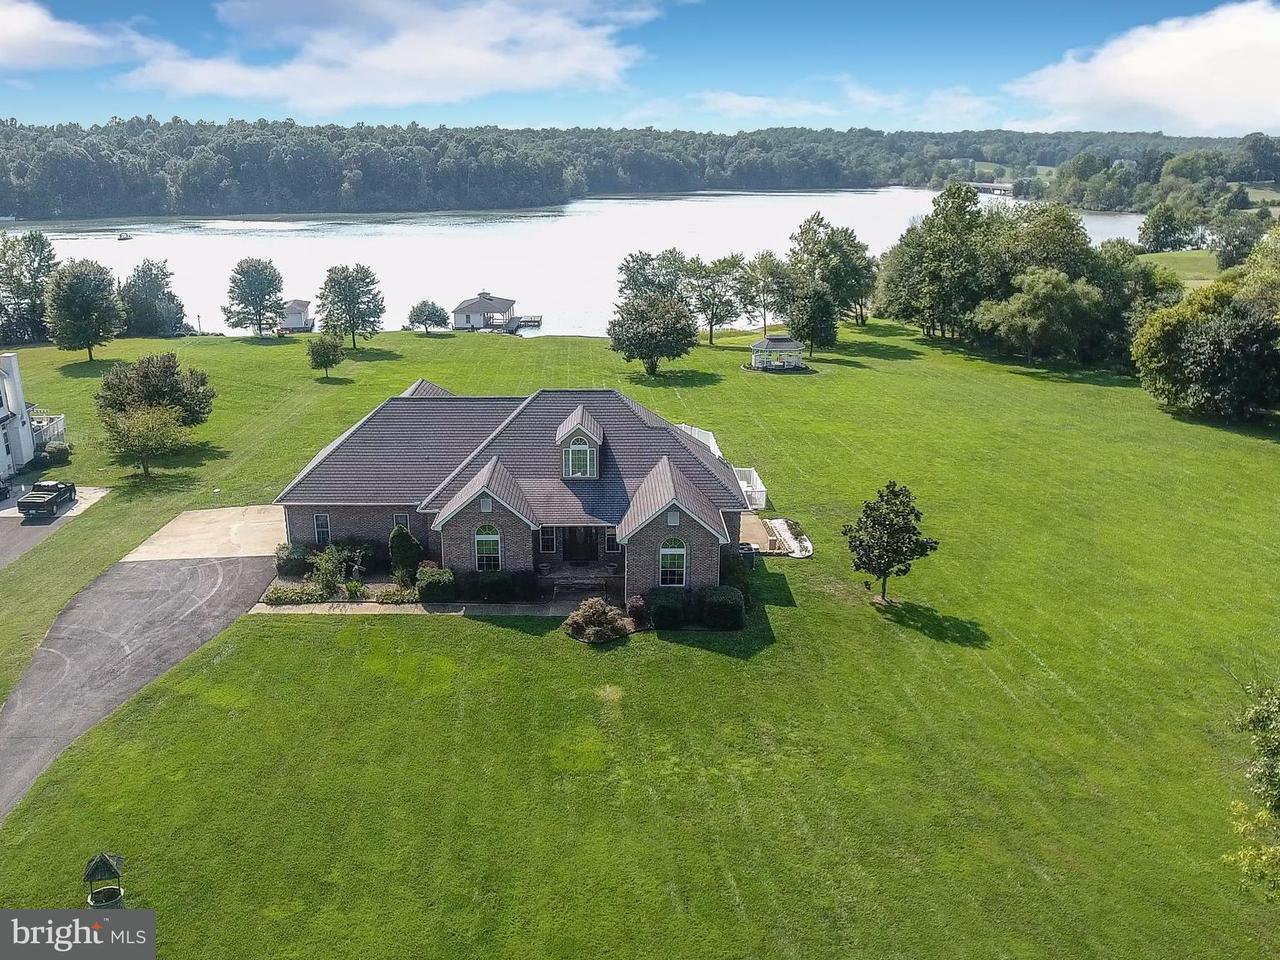 Maison unifamiliale pour l Vente à 6834 Lake Pointe Drive 6834 Lake Pointe Drive Mineral, Virginia 23117 États-Unis